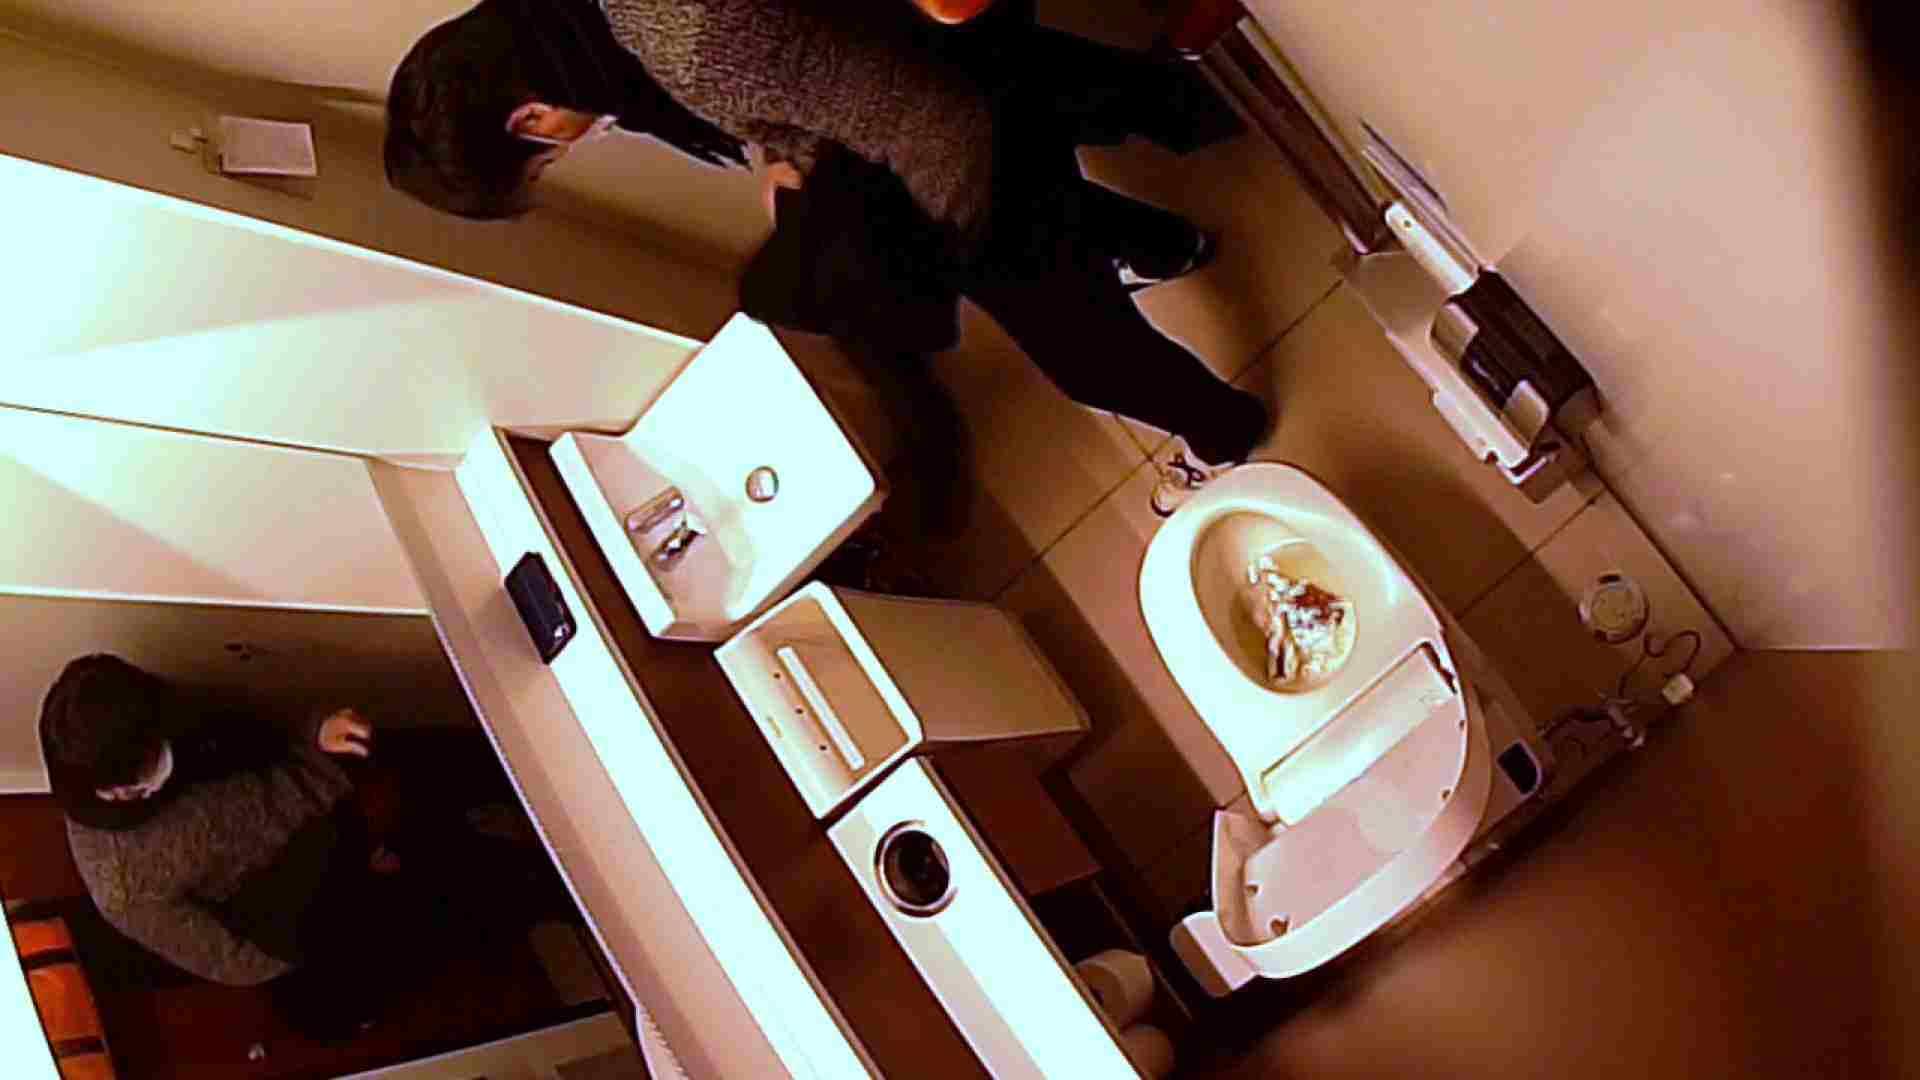 イケメンの素顔in洗面所 Vol.03 丸見え動画 | ボーイズうんこ  107pic 17